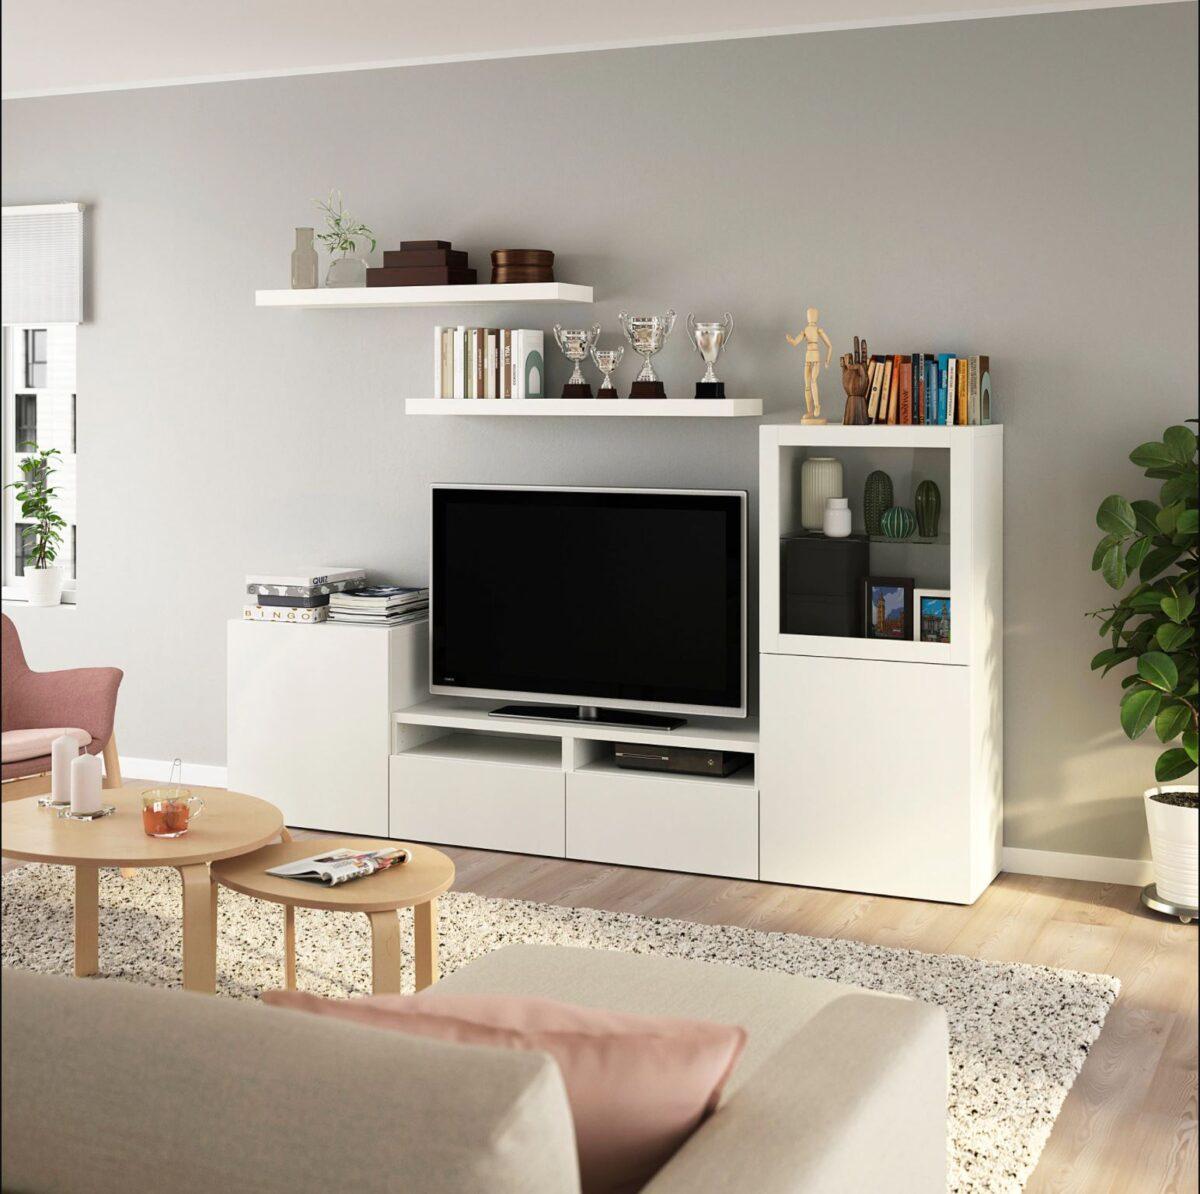 librerie-componibili-IKEA-5